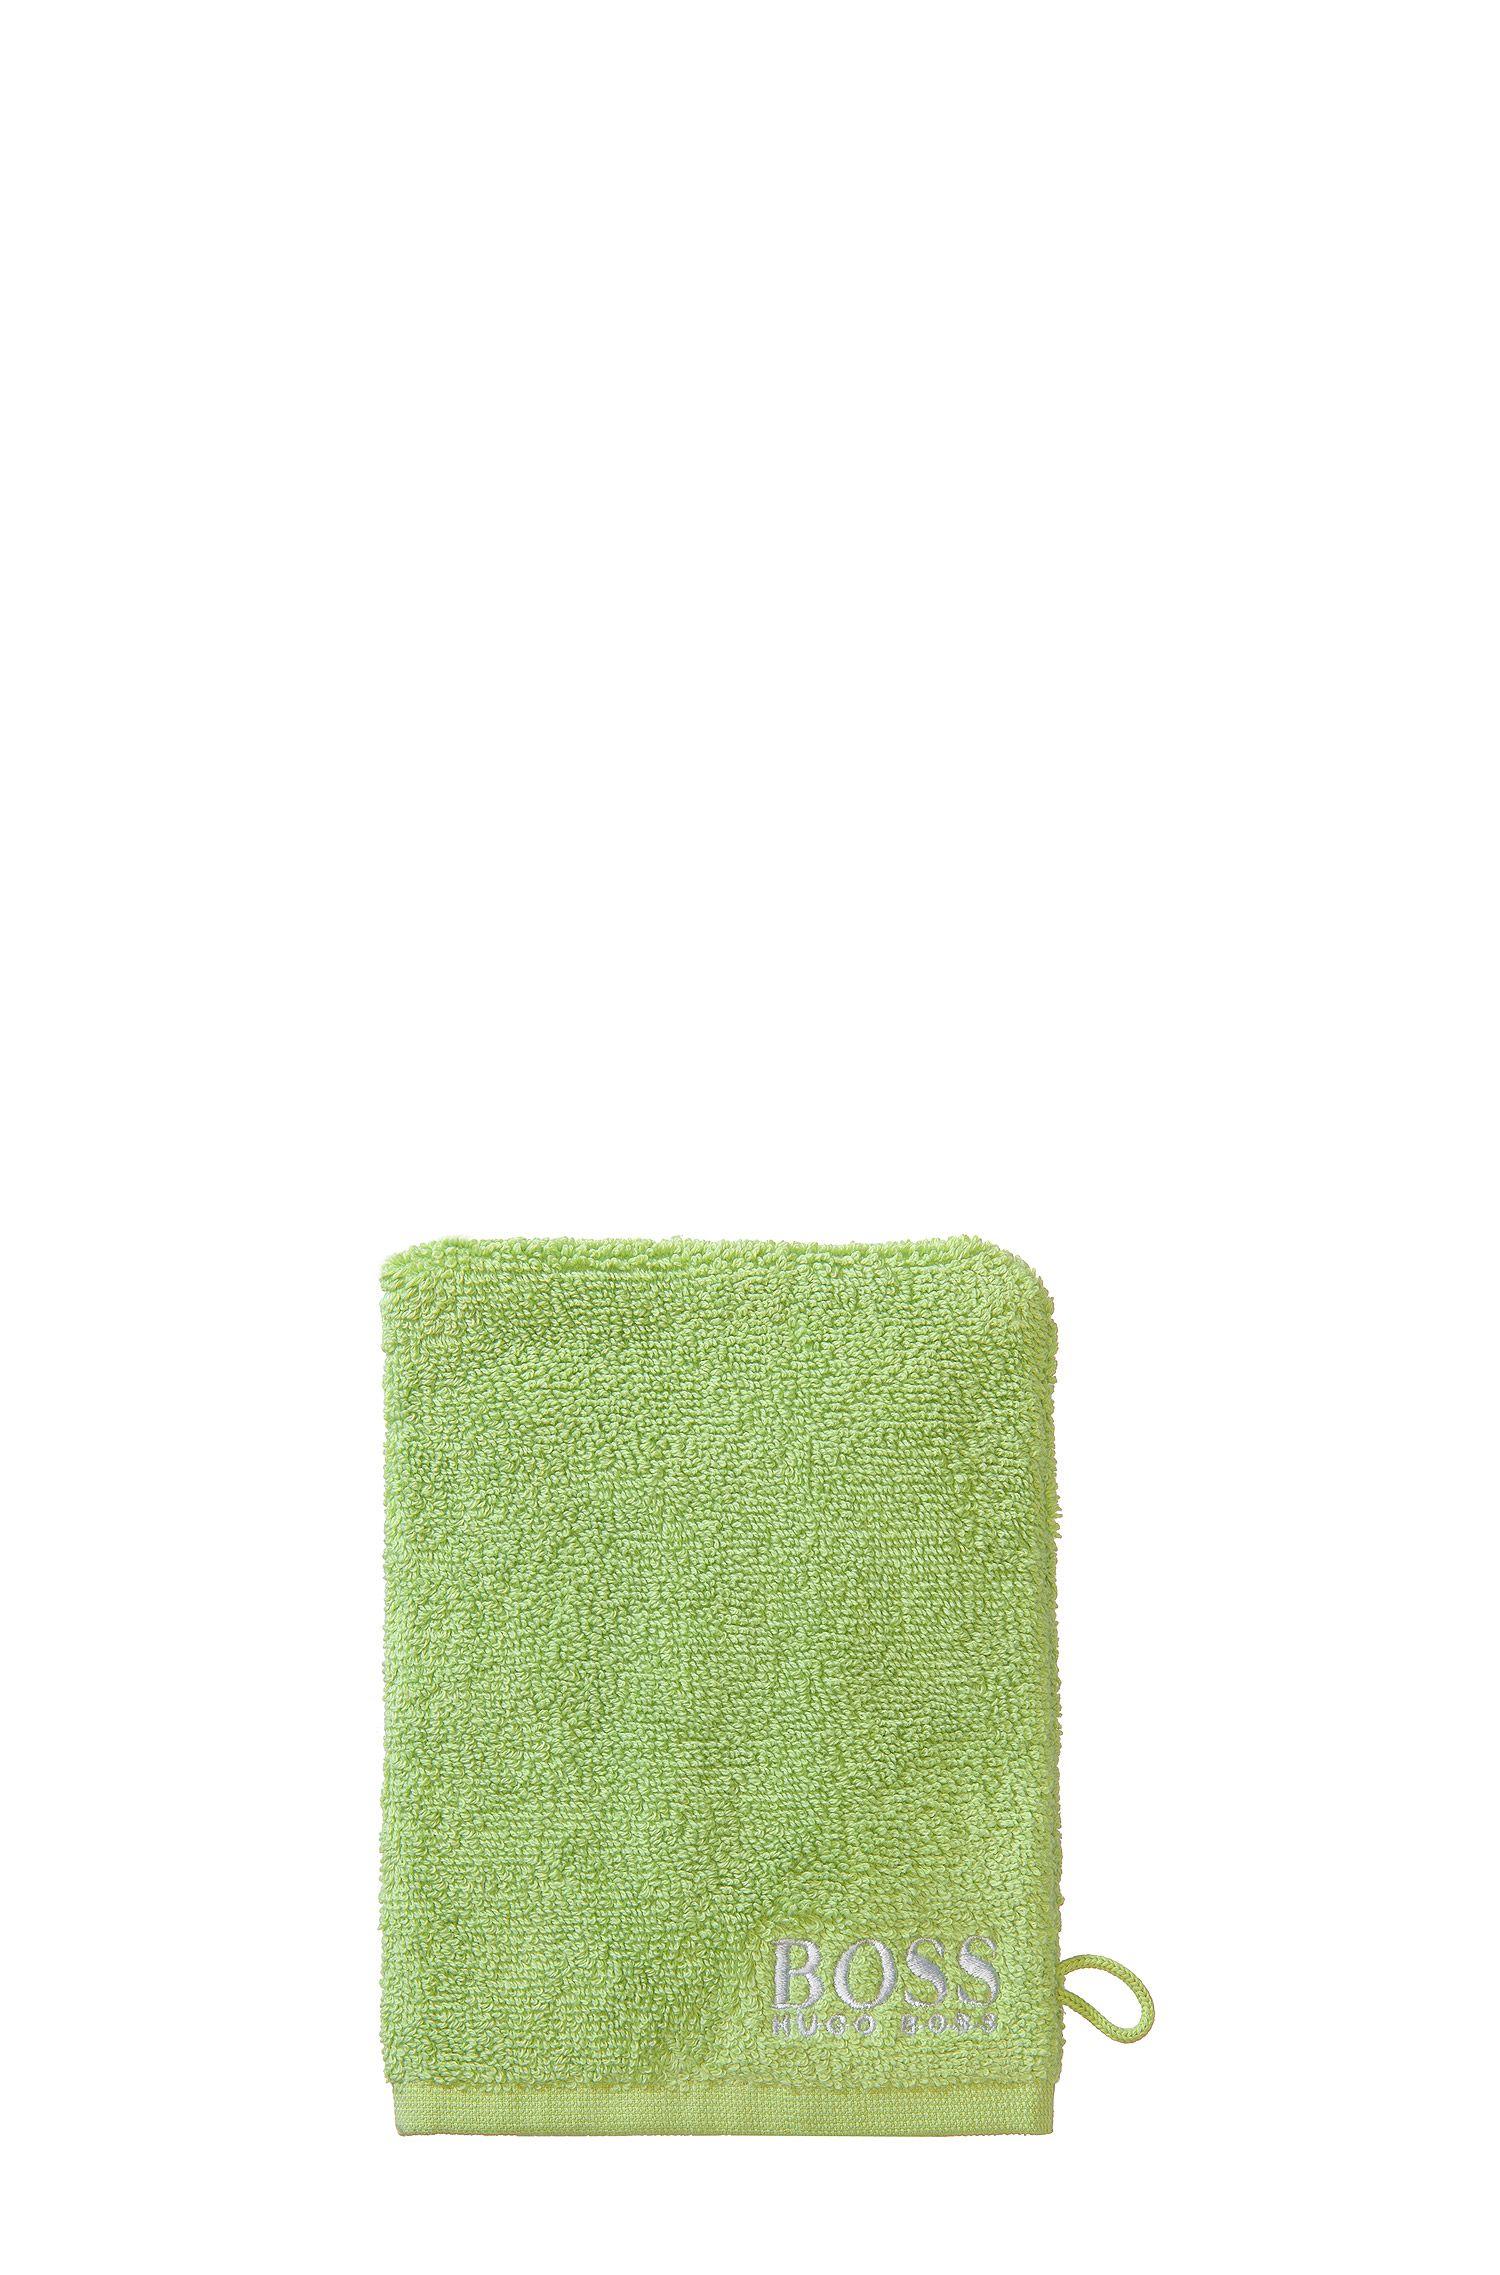 Manopola da bagno in raffinato cotone egiziano con logo ricamato a contrasto